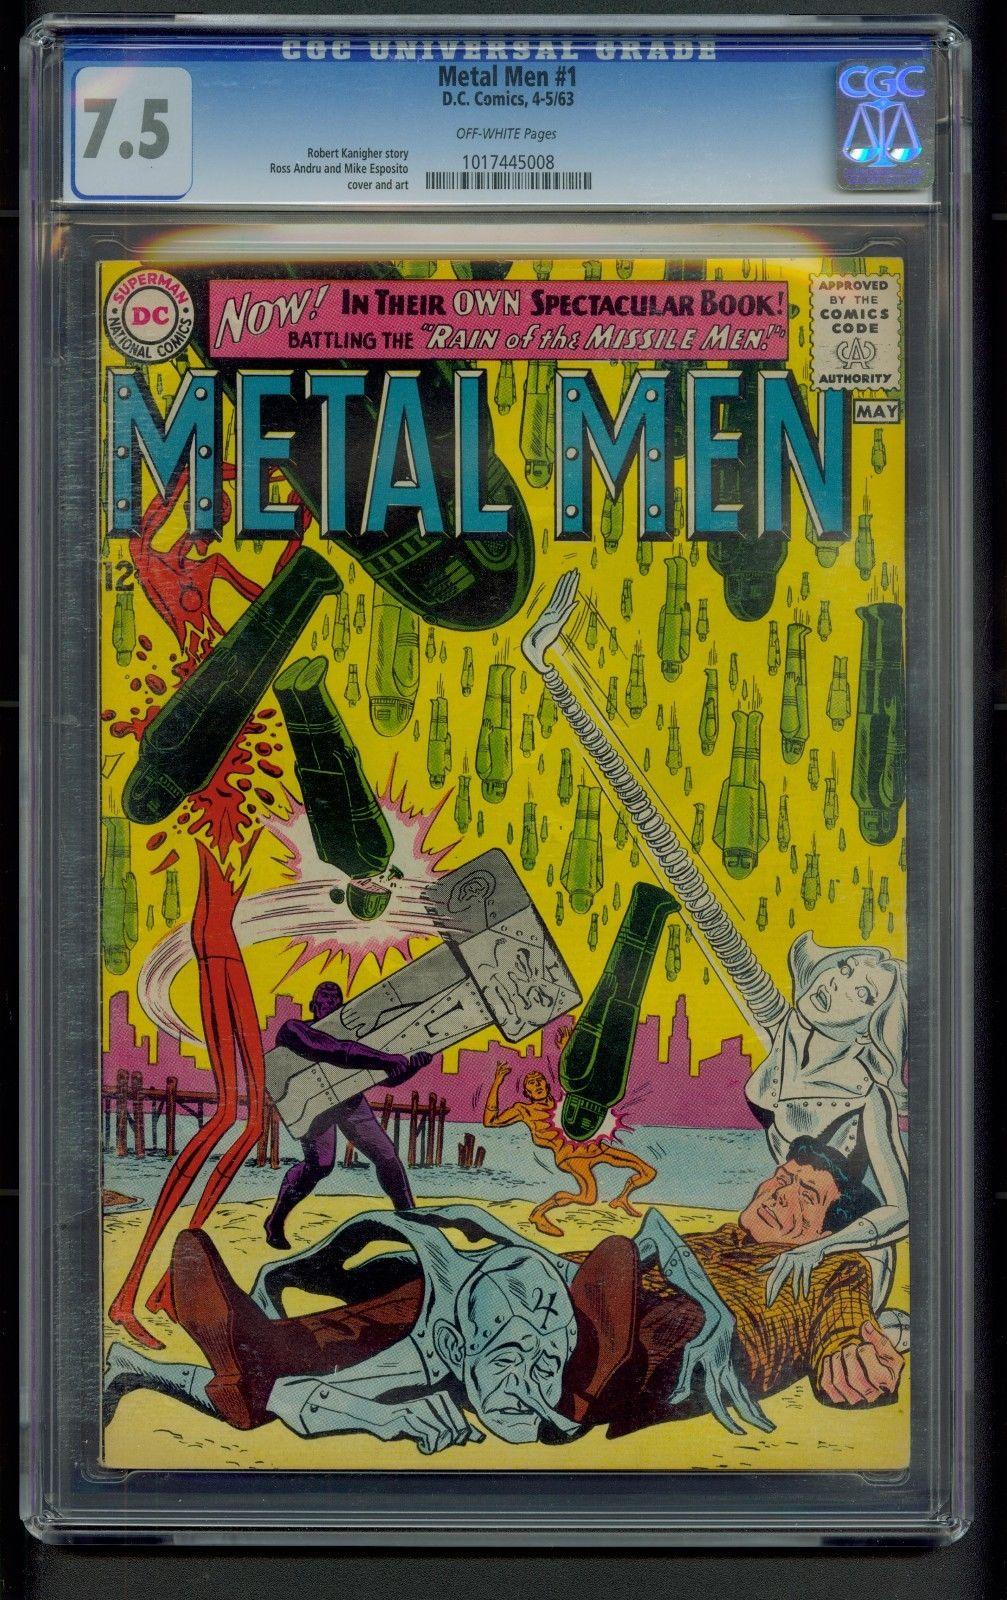 Metal Men #1 (1963) CGC Graded 7.5   Ross Andru & Mike Esposito Cover & Art